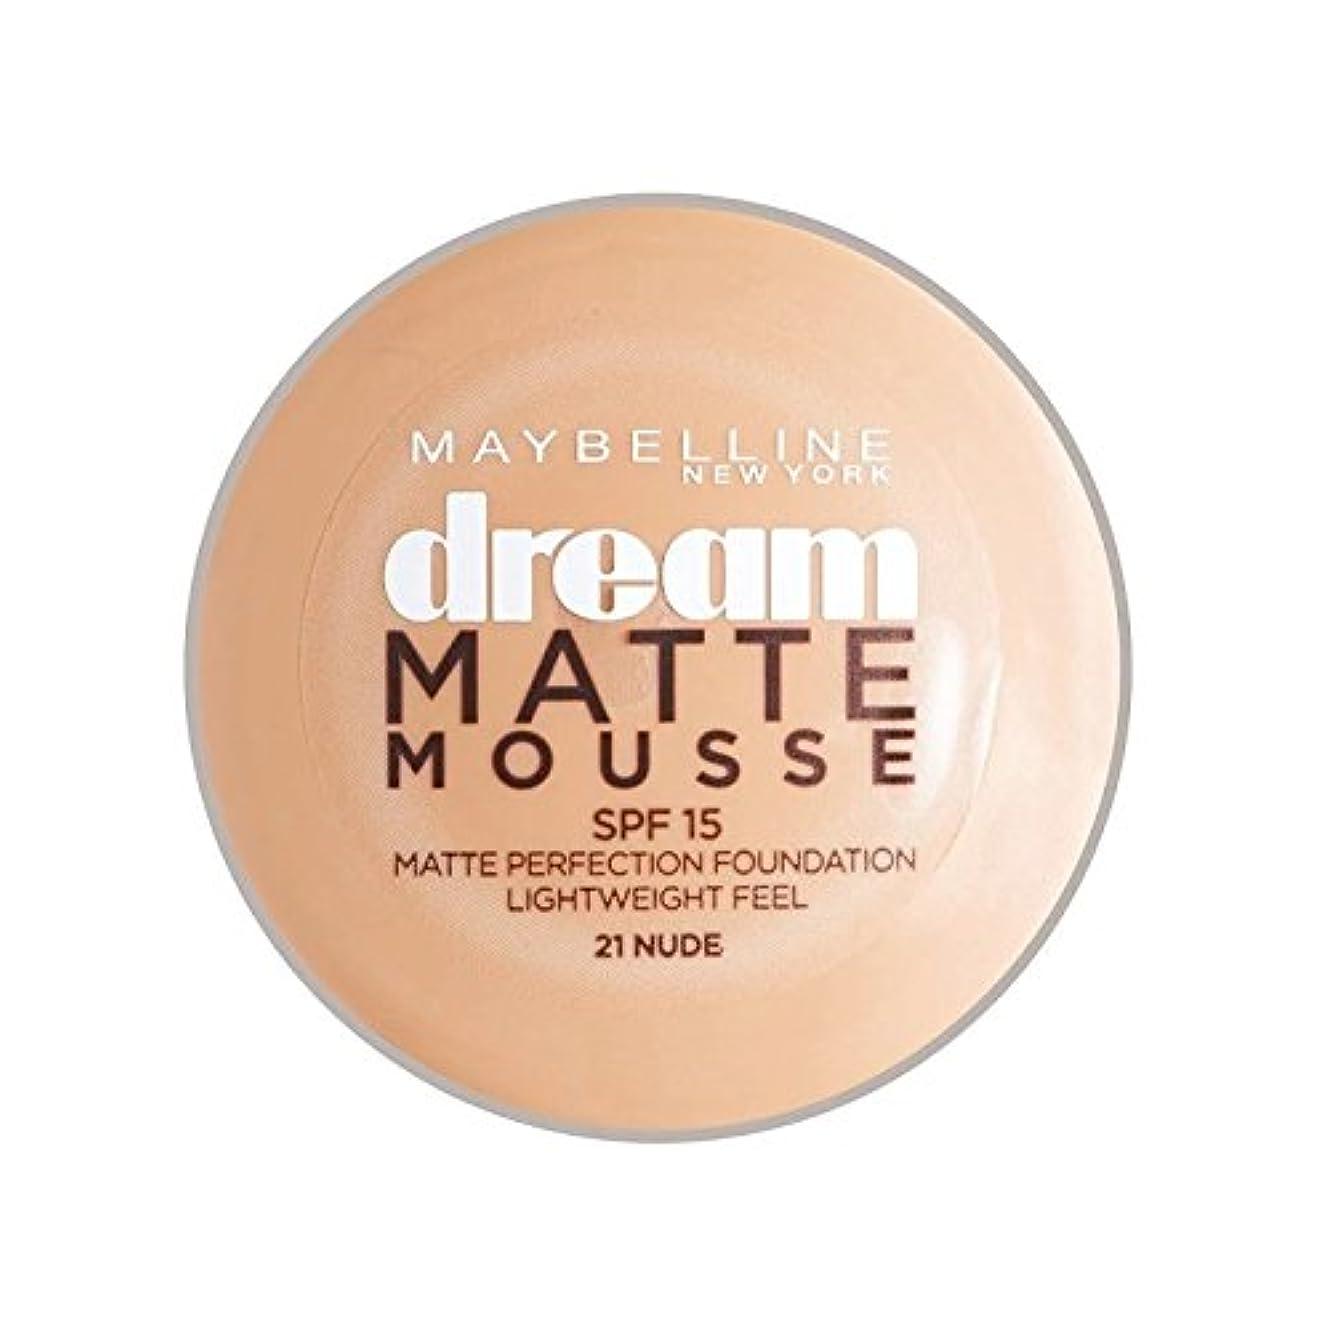 くしゃみいじめっ子計算するMaybelline Dream Matte Mousse Foundation 21 Nude 10ml (Pack of 6) - メイベリン夢マットムース土台21ヌード10ミリリットル x6 [並行輸入品]